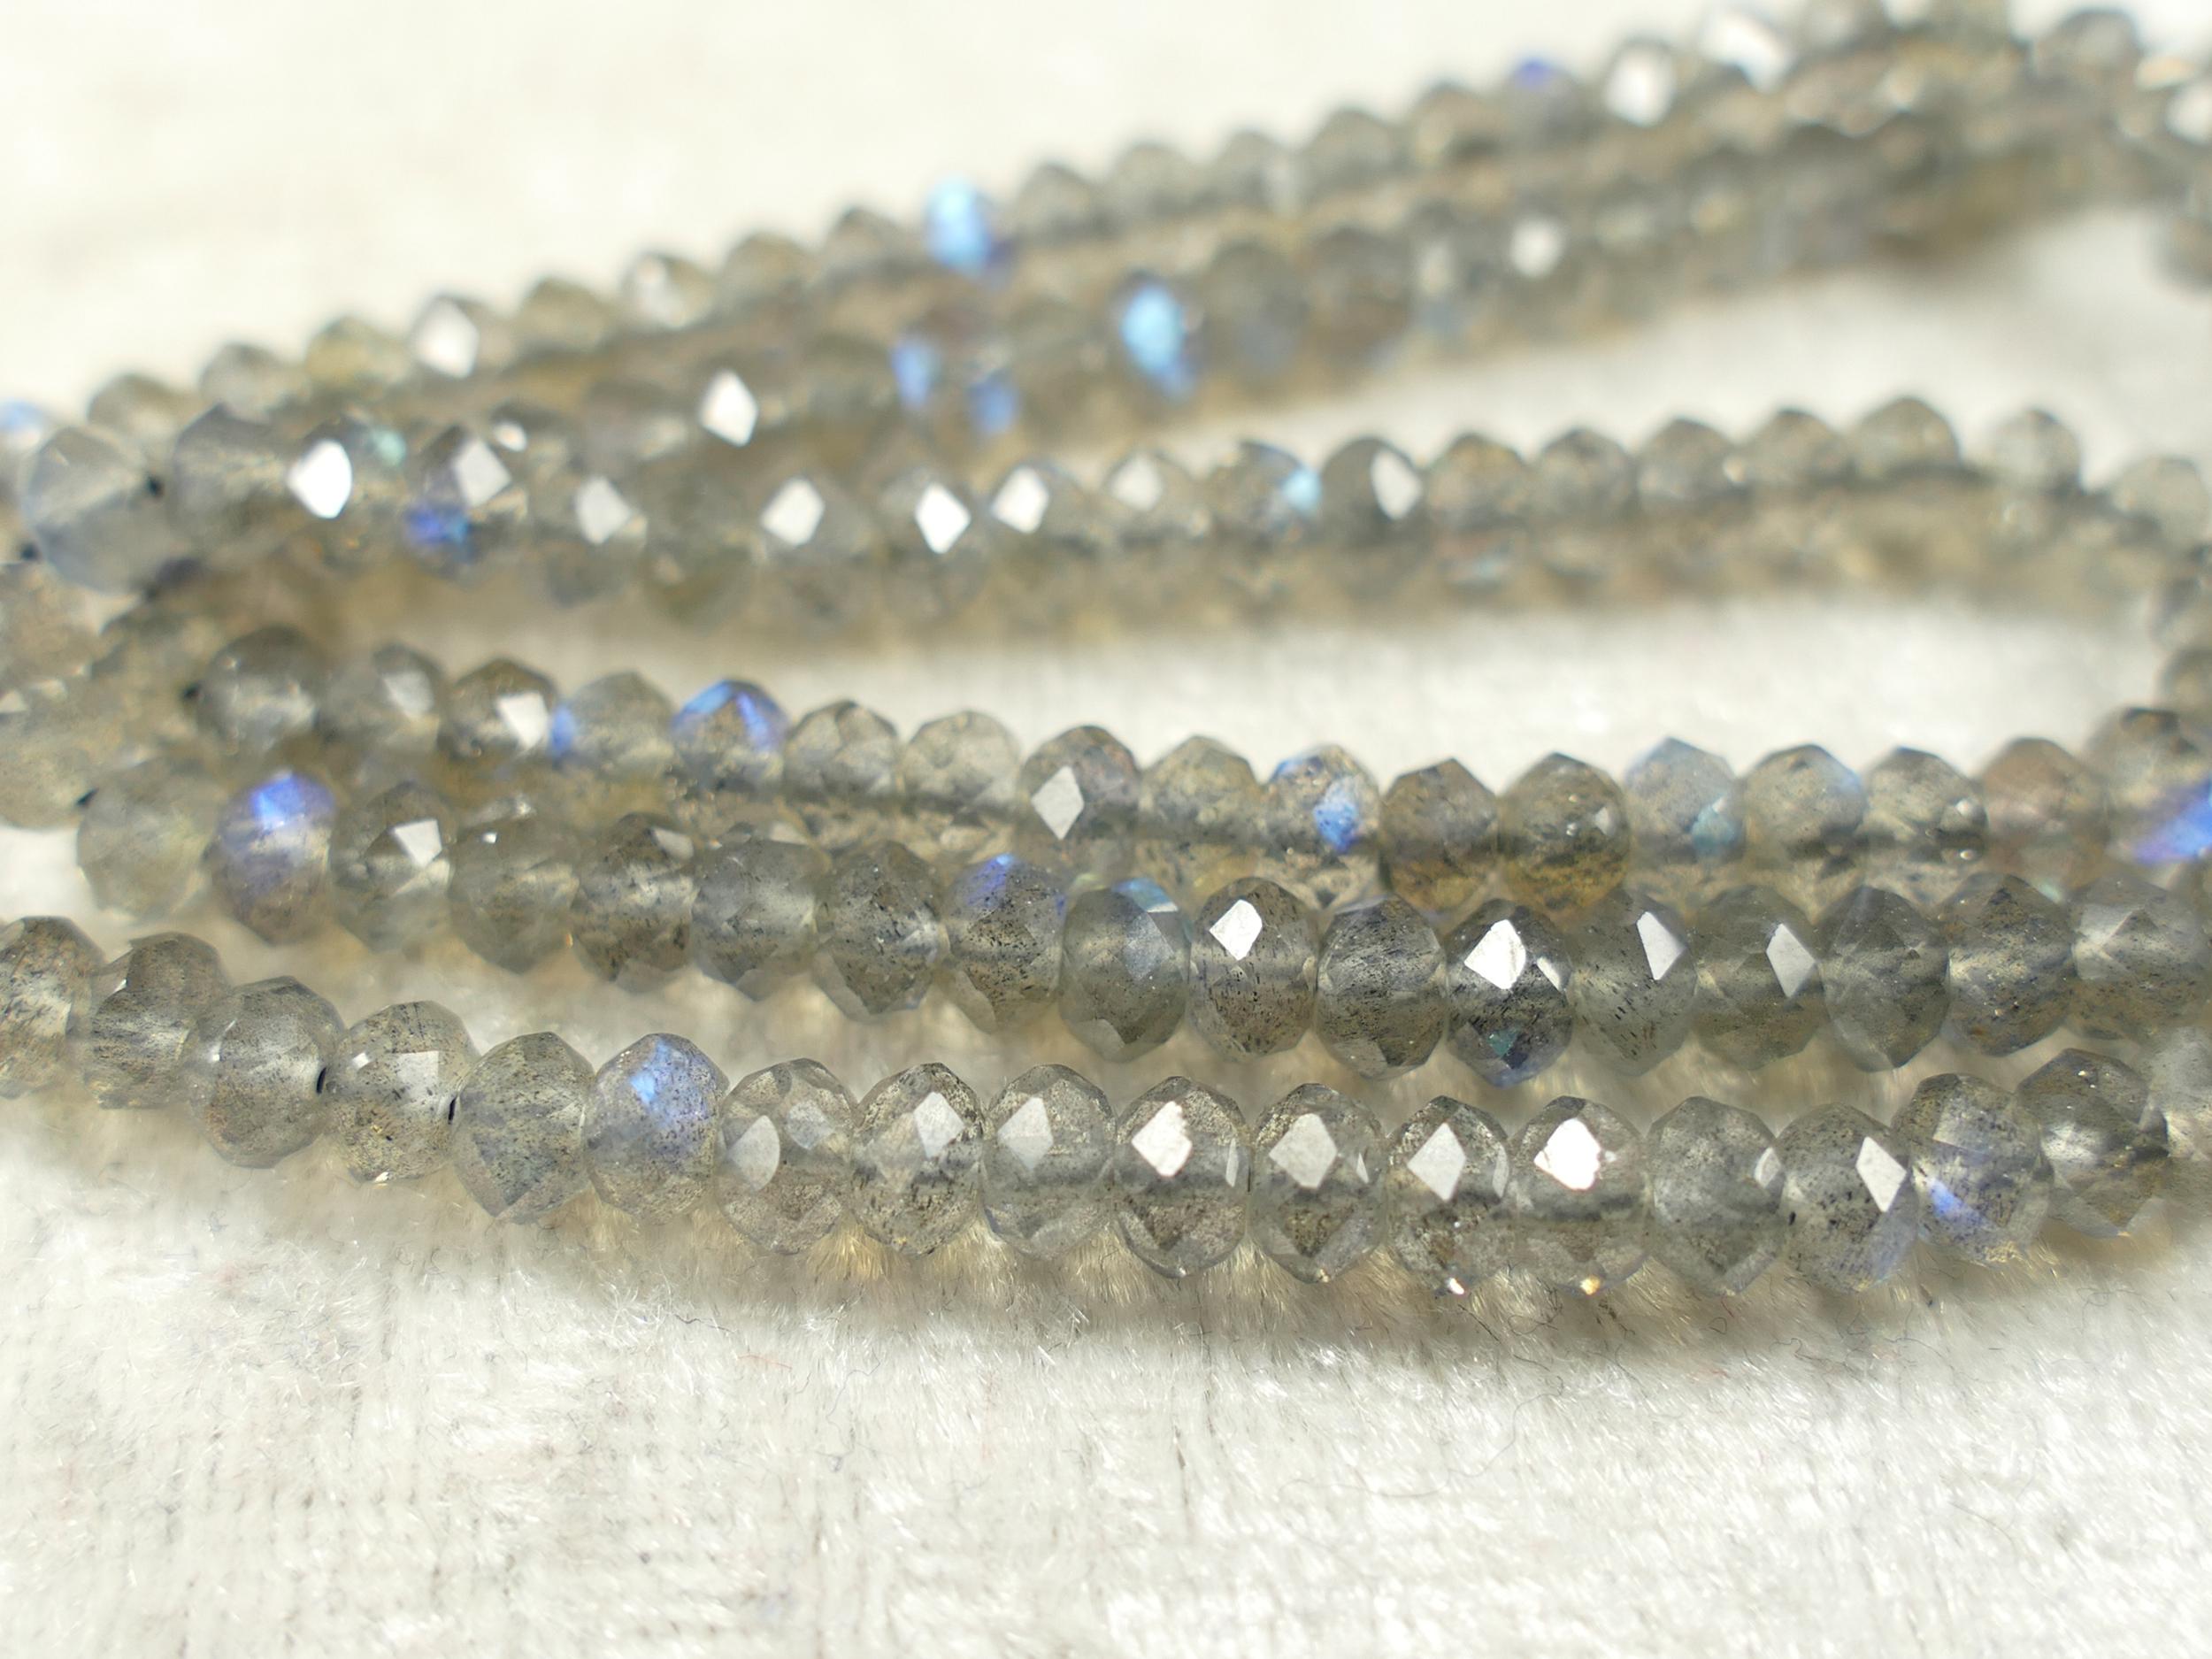 4.2mm Perles de Labradorite naturelle de très bonne qualité en rondelle facettée de Madagascar x10cm (3.9inch) (#AC695)